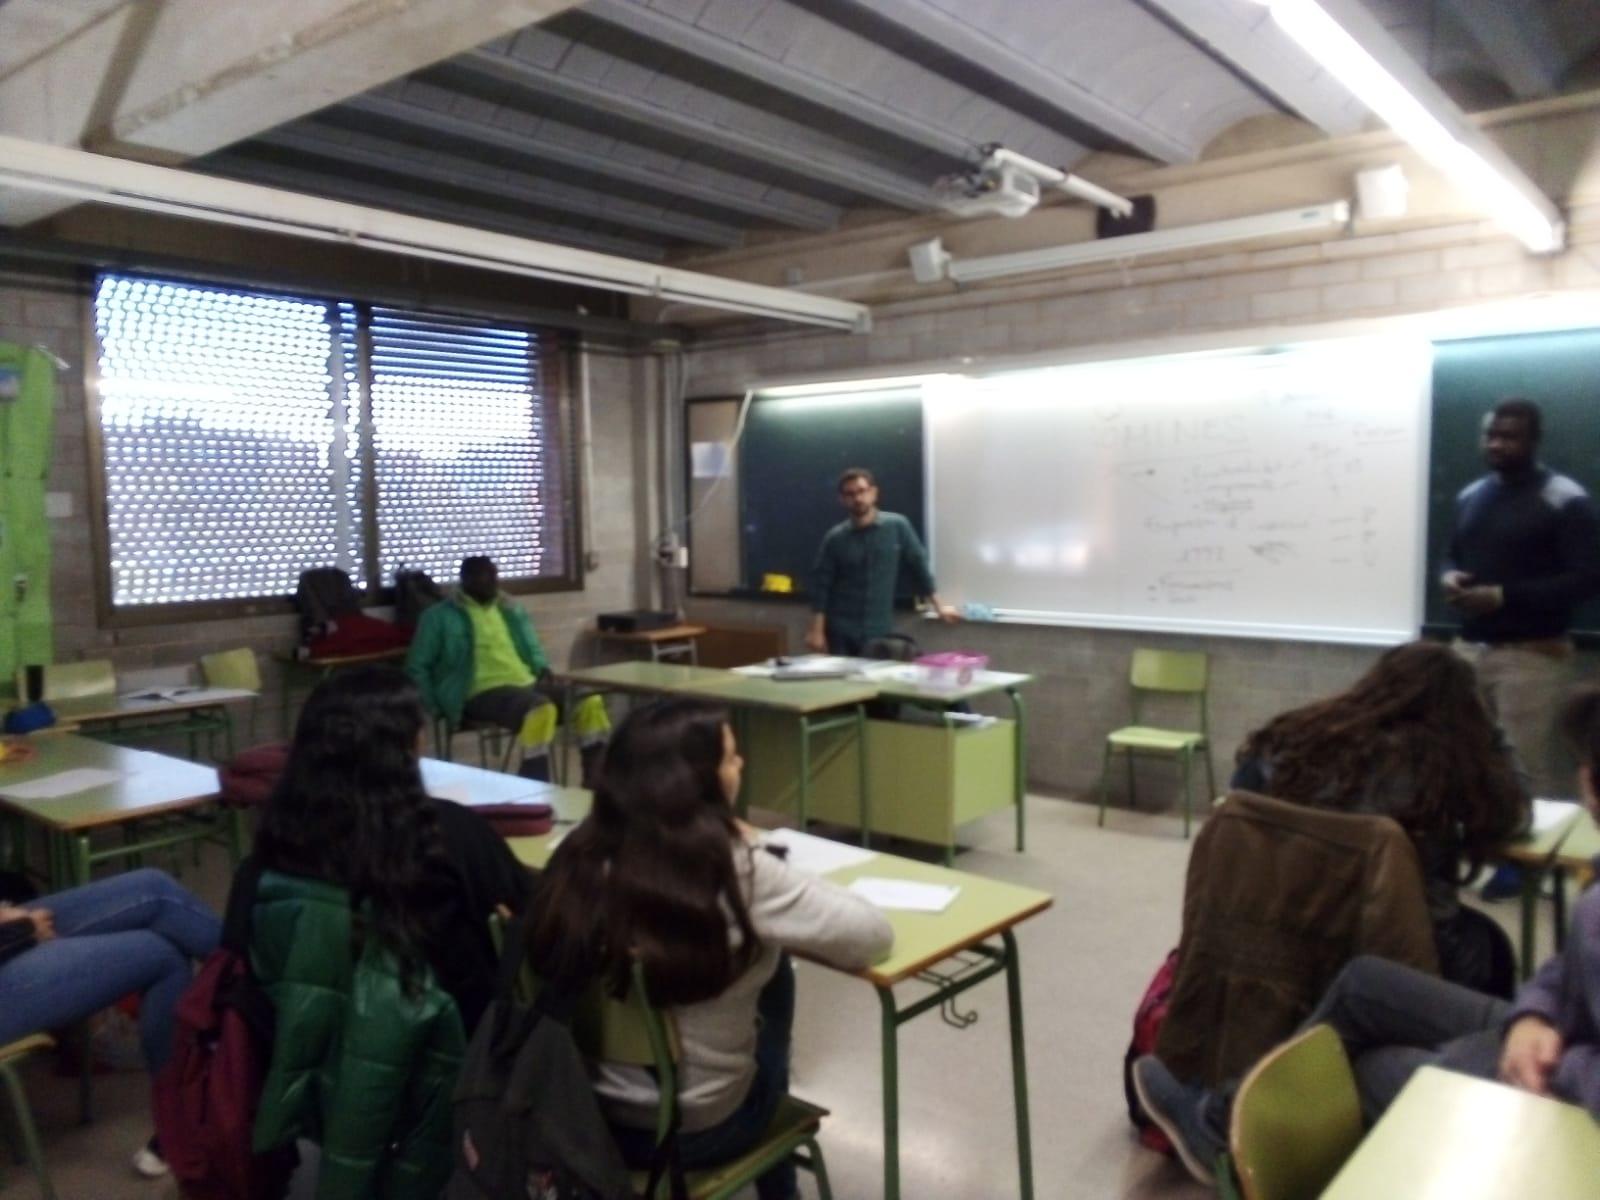 Ens apropem a l'institut d' Educació Secundaria Dr. Puigvert